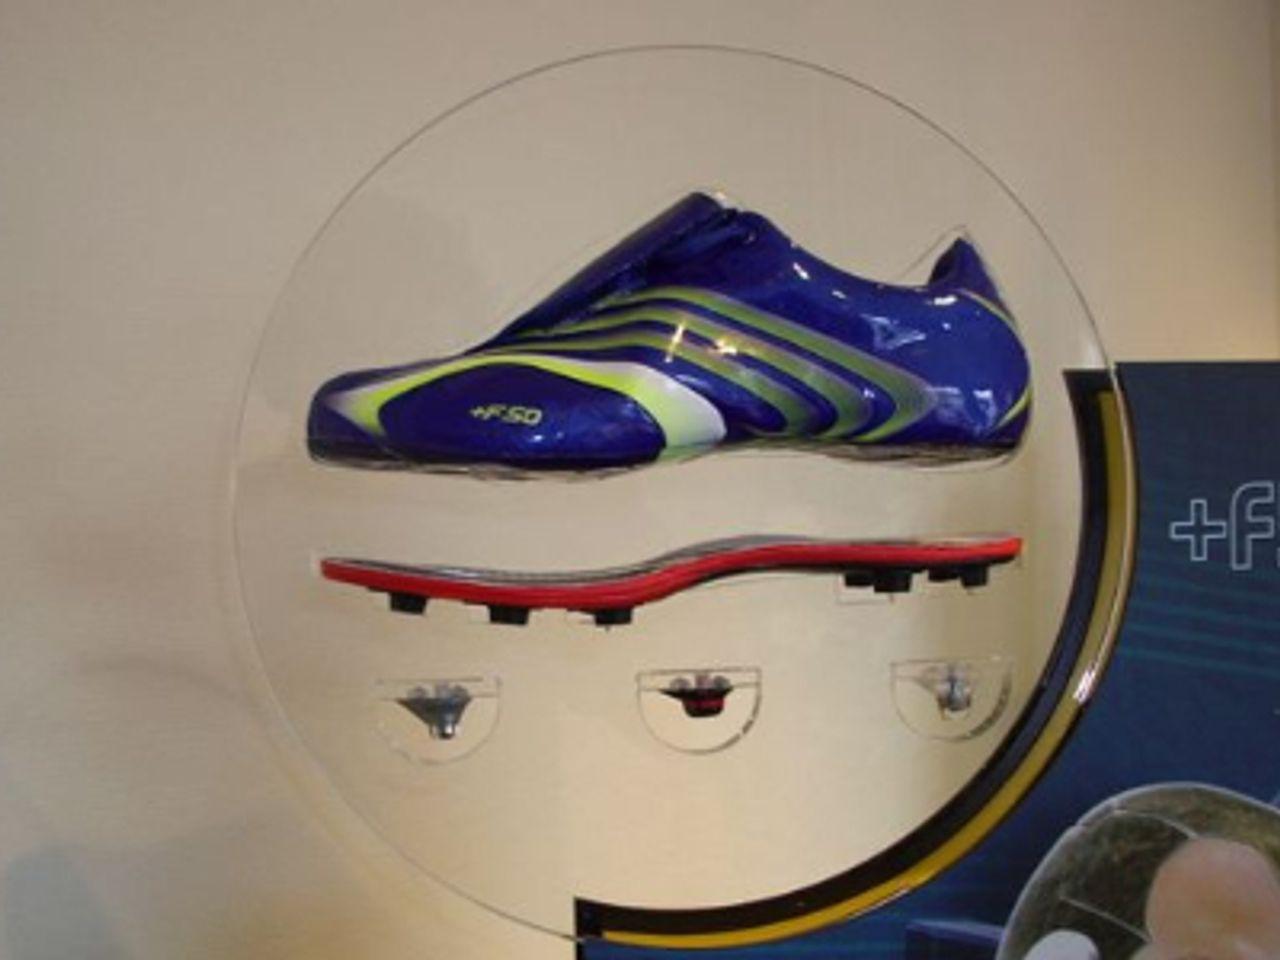 Adidas Ispa Plastics